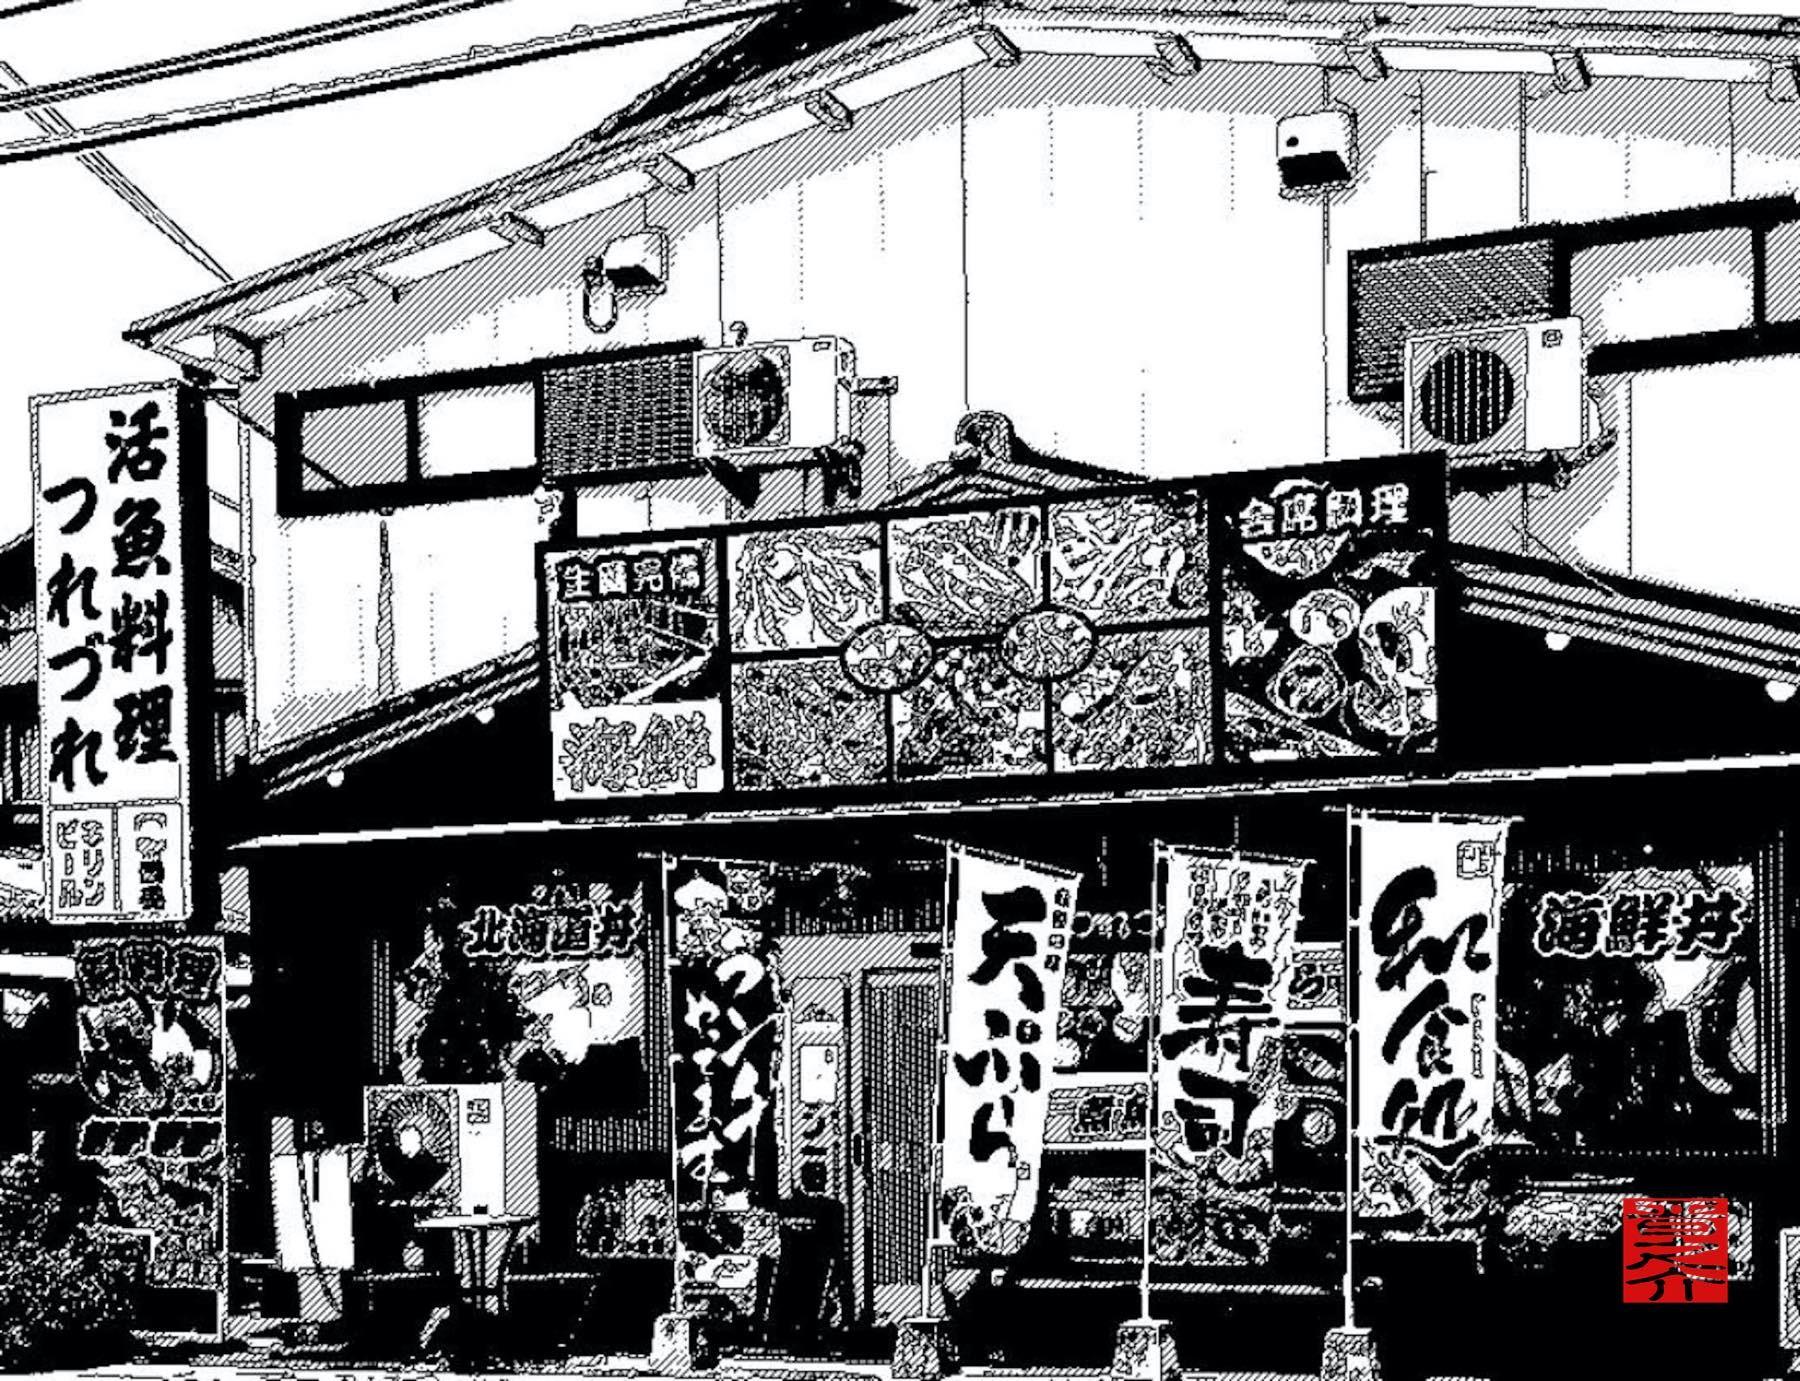 「大漁だーぃ!」「大漁だーぃ!」大漁旗が靡く海鮮料理の旨い店!半田市で海鮮料理なら…活魚料理つれづれ